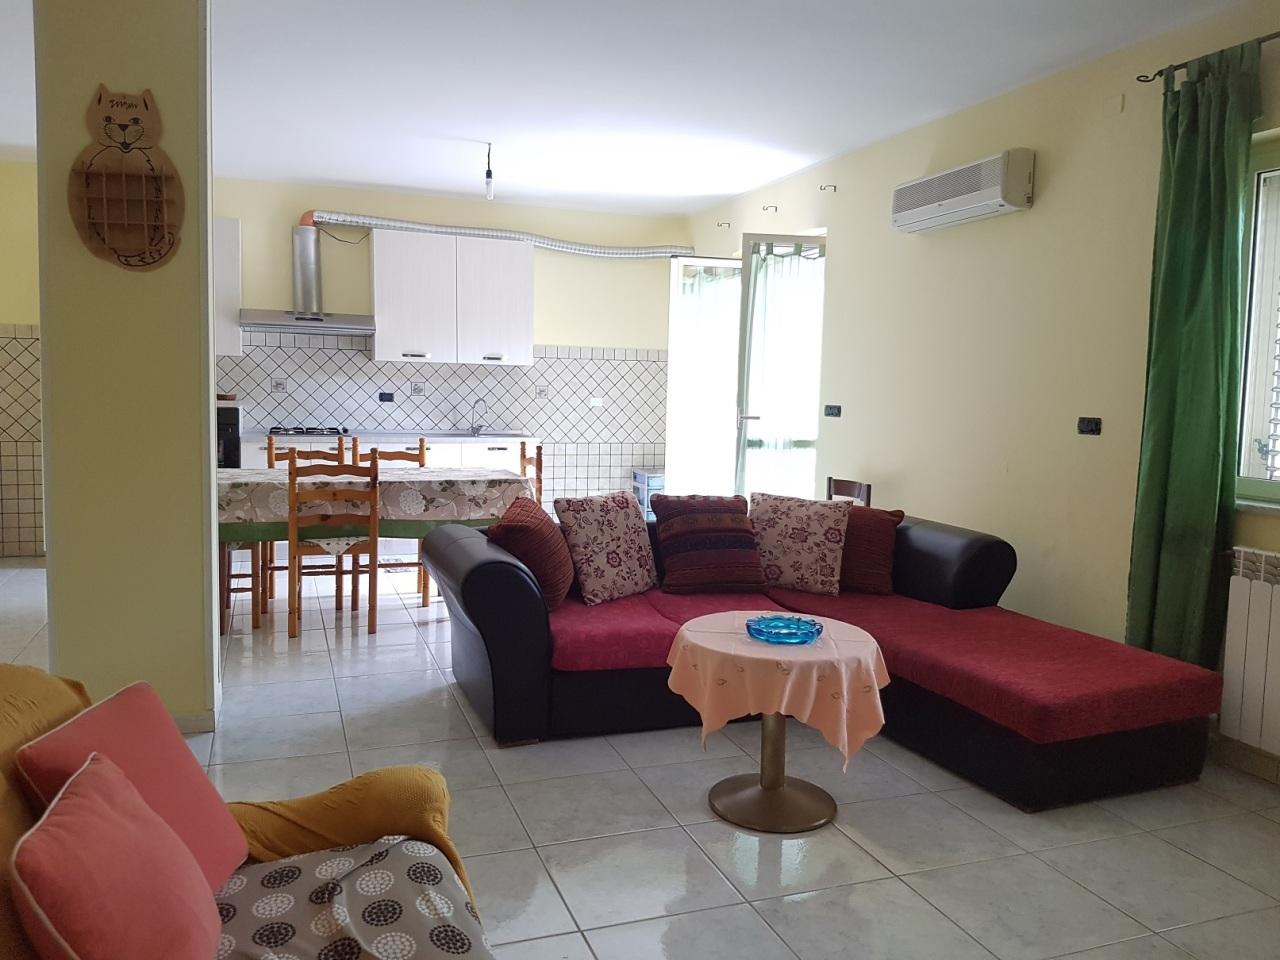 Appartamento - Quadrilocale a Barone, Catanzaro